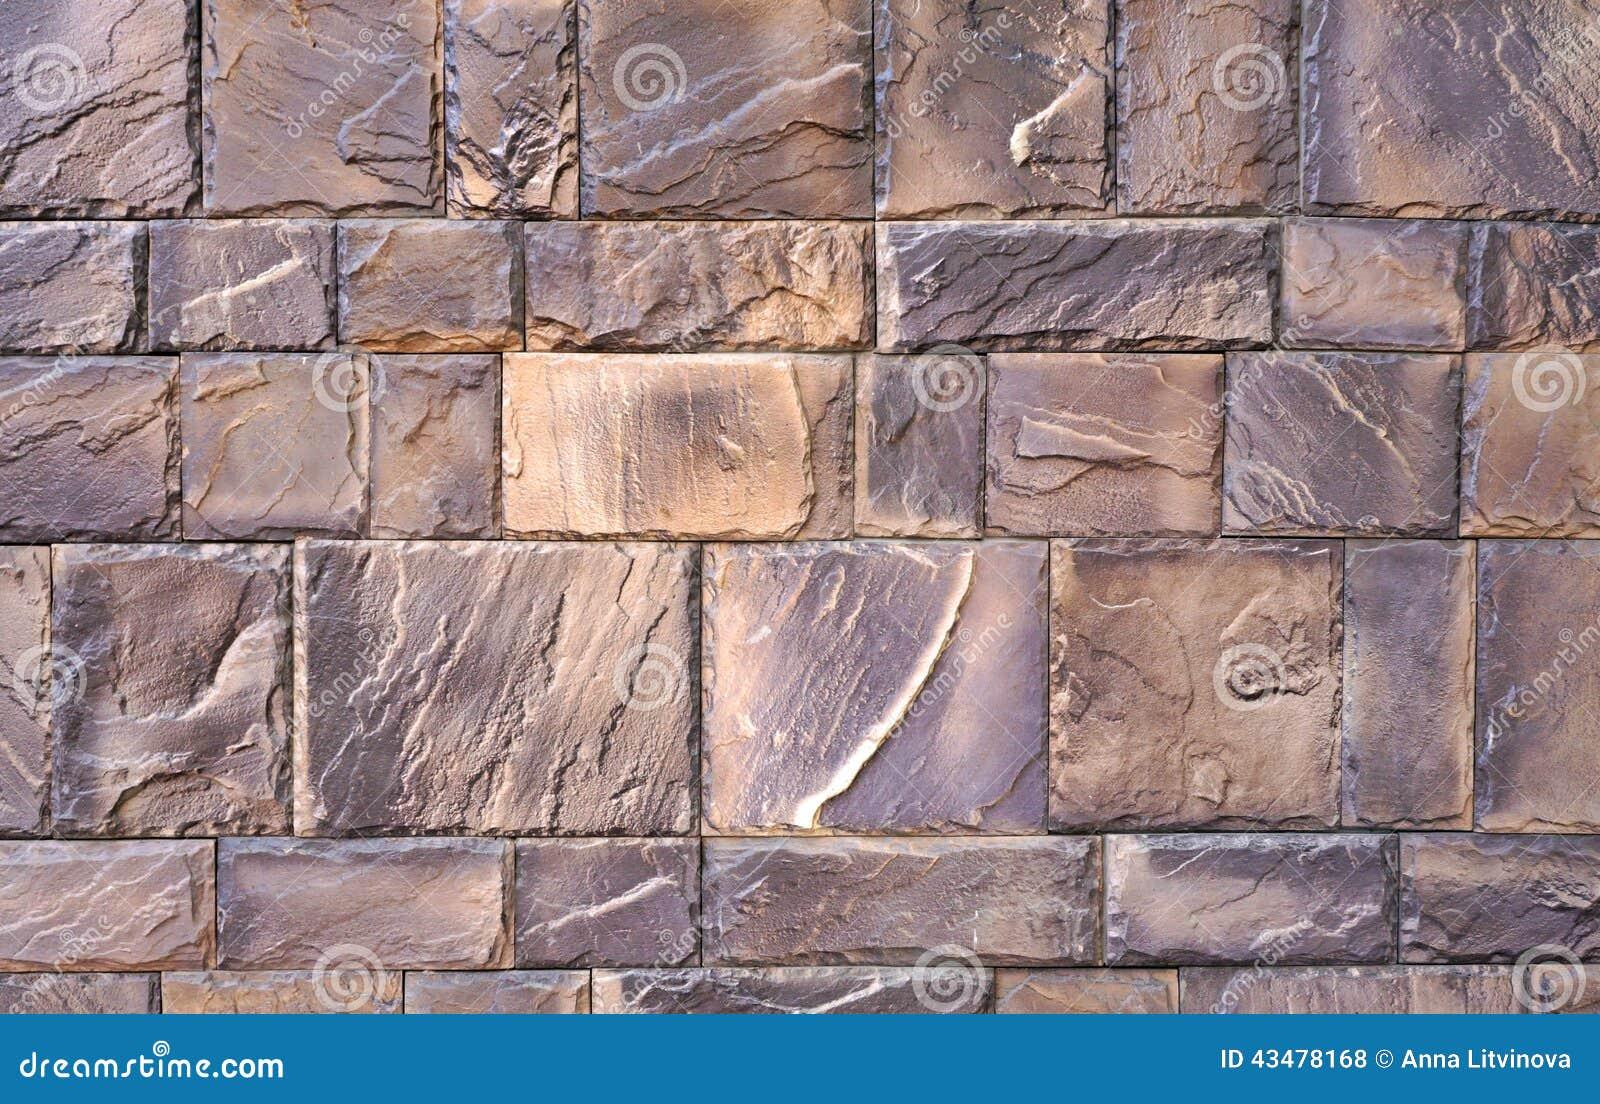 De Textuur Van De Muur Van Het Grote Grijs-bruin Poetste Stenen Op ...